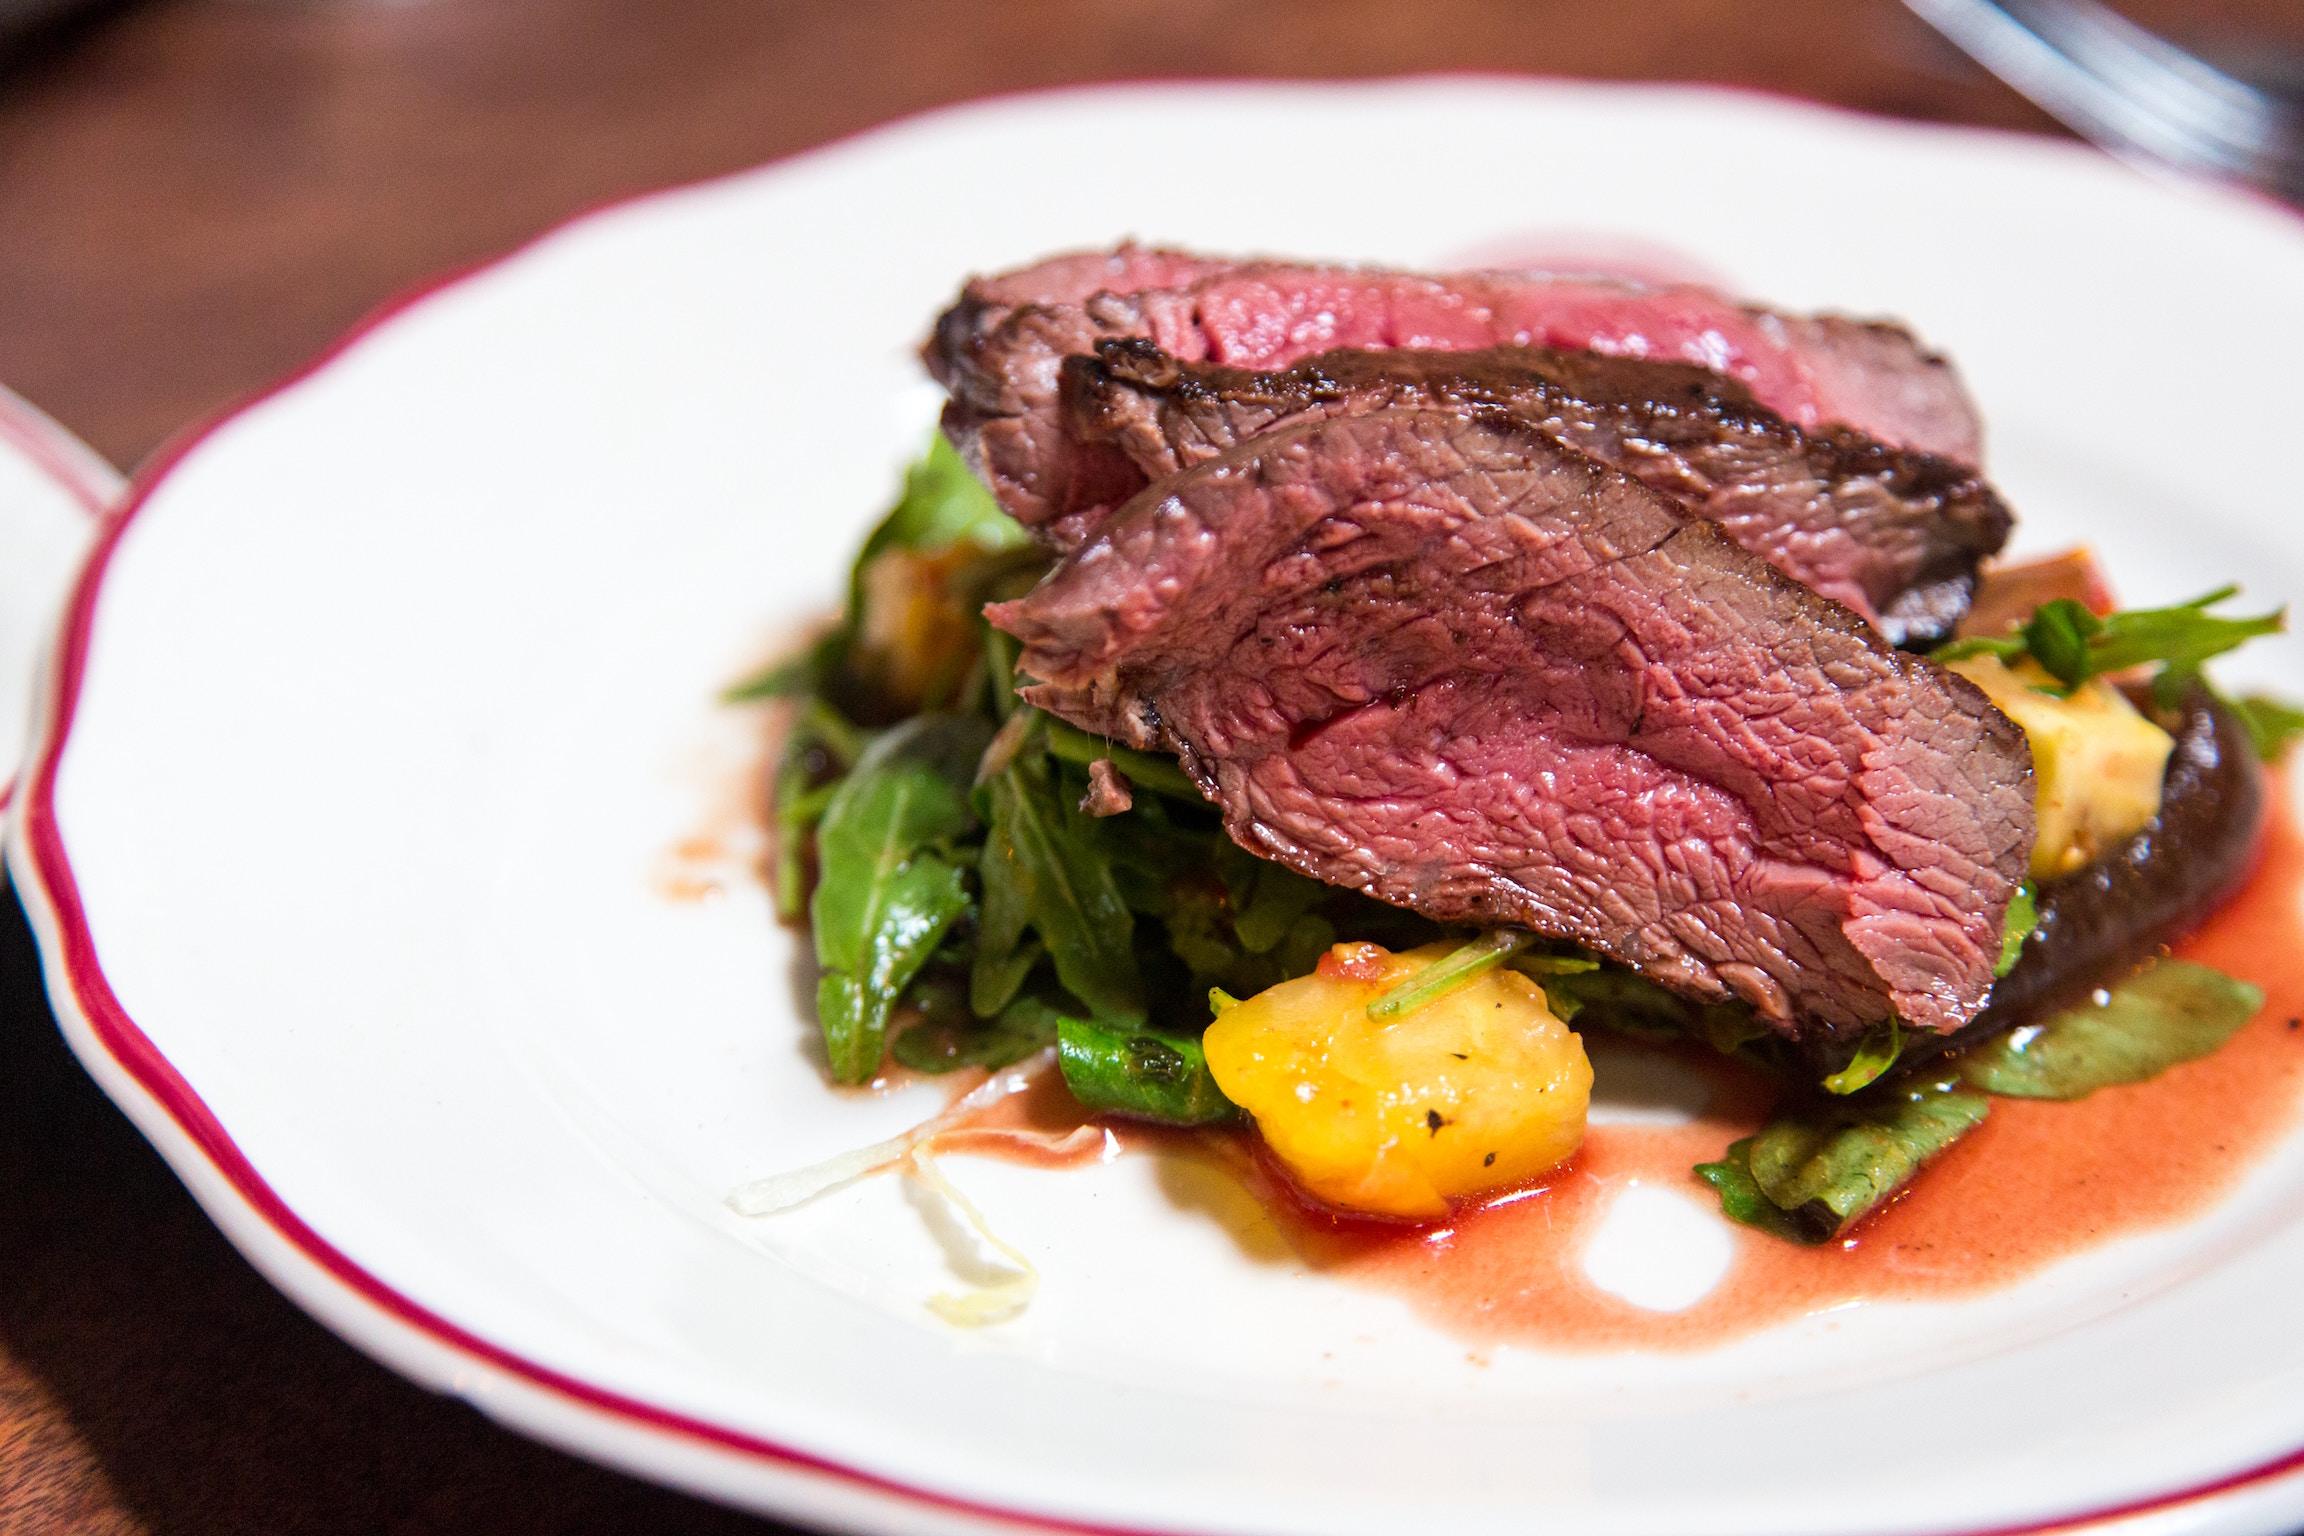 ステーキハウス「キッチンリボン」は芸能人ご用達の人気店!ランチコースも絶品